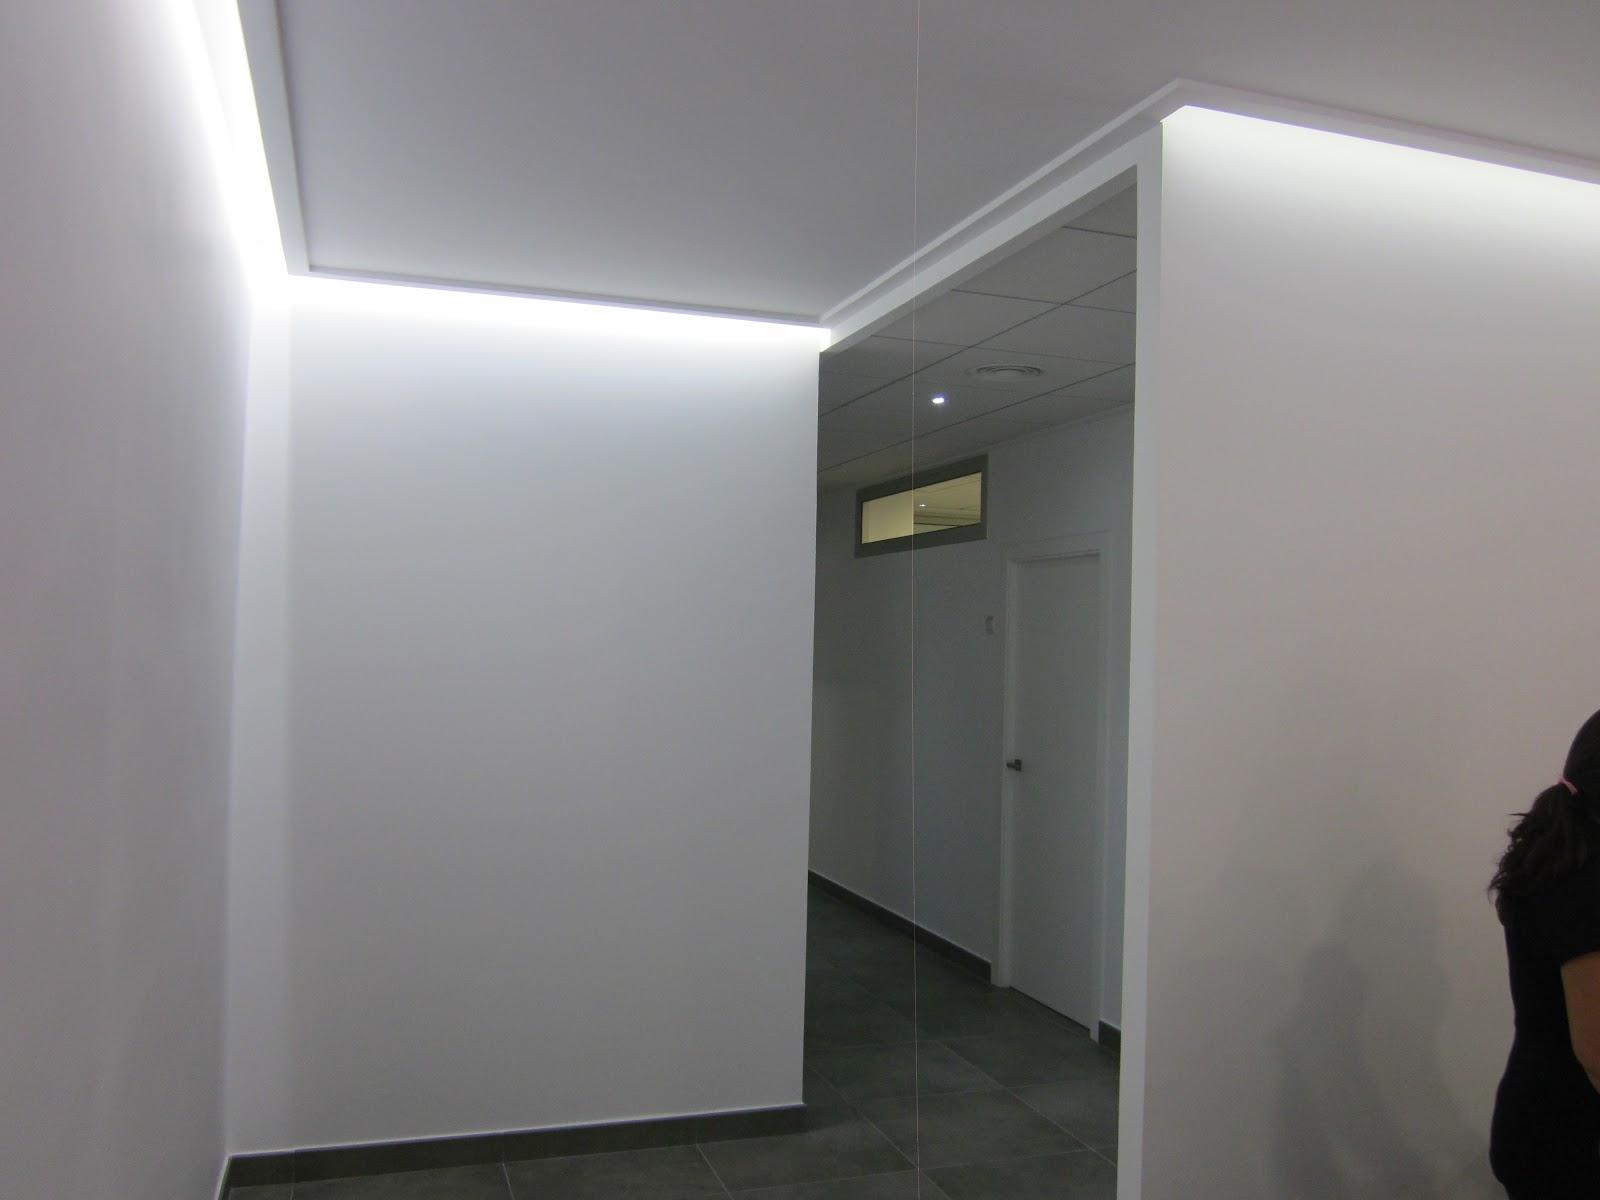 Habitania construcciones y reformas iluminaci n - Iluminacion tiras led ...